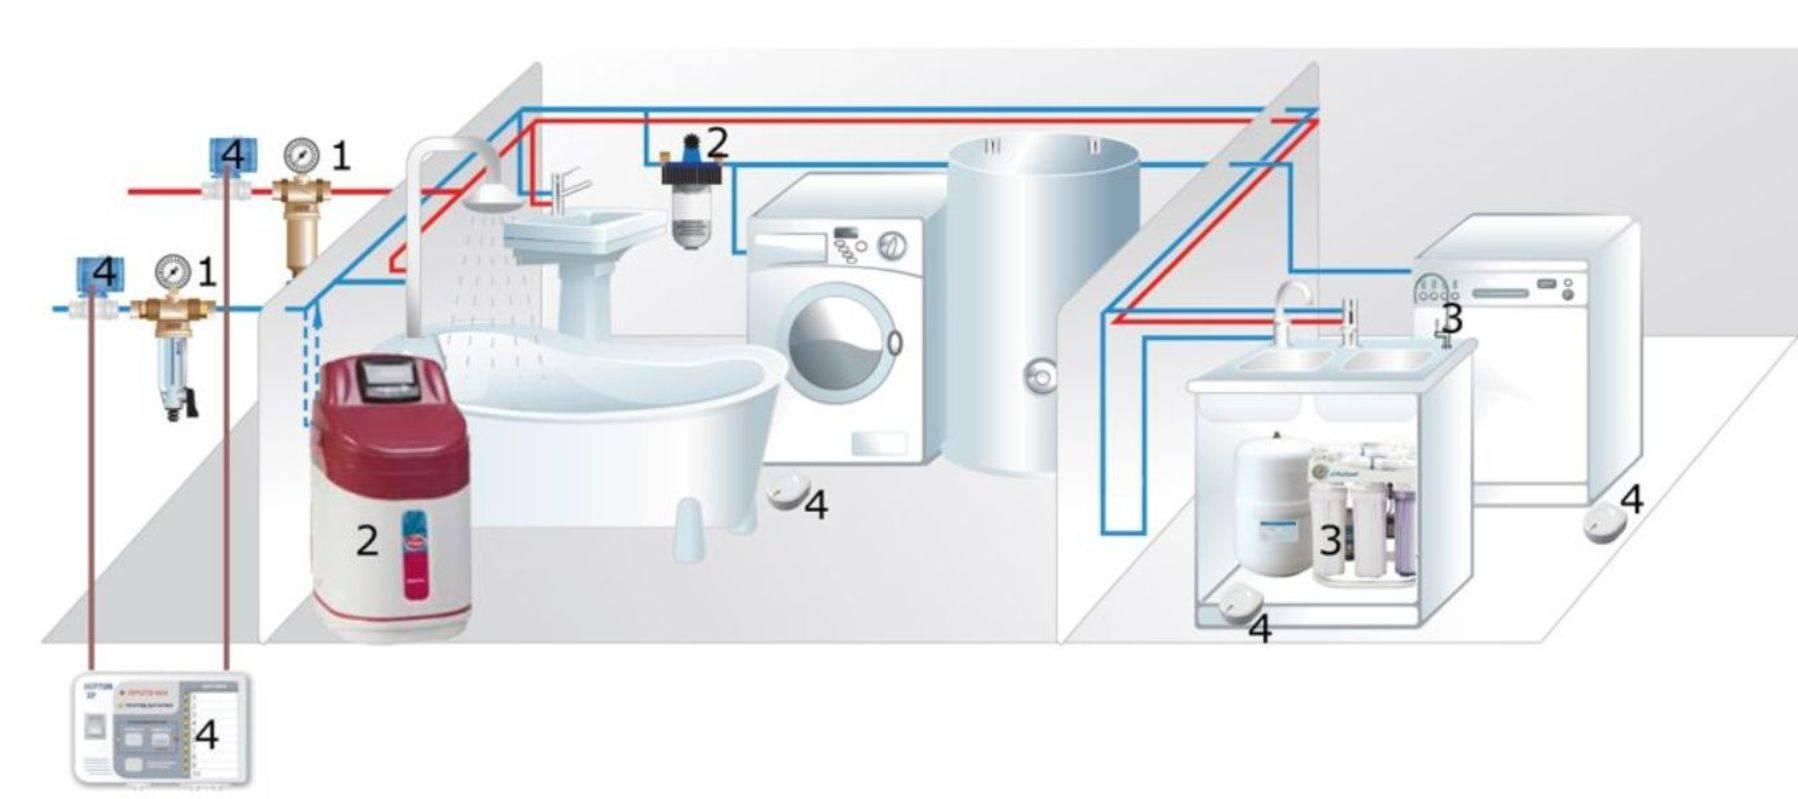 Система фильтров для очистки воды: способы и методы